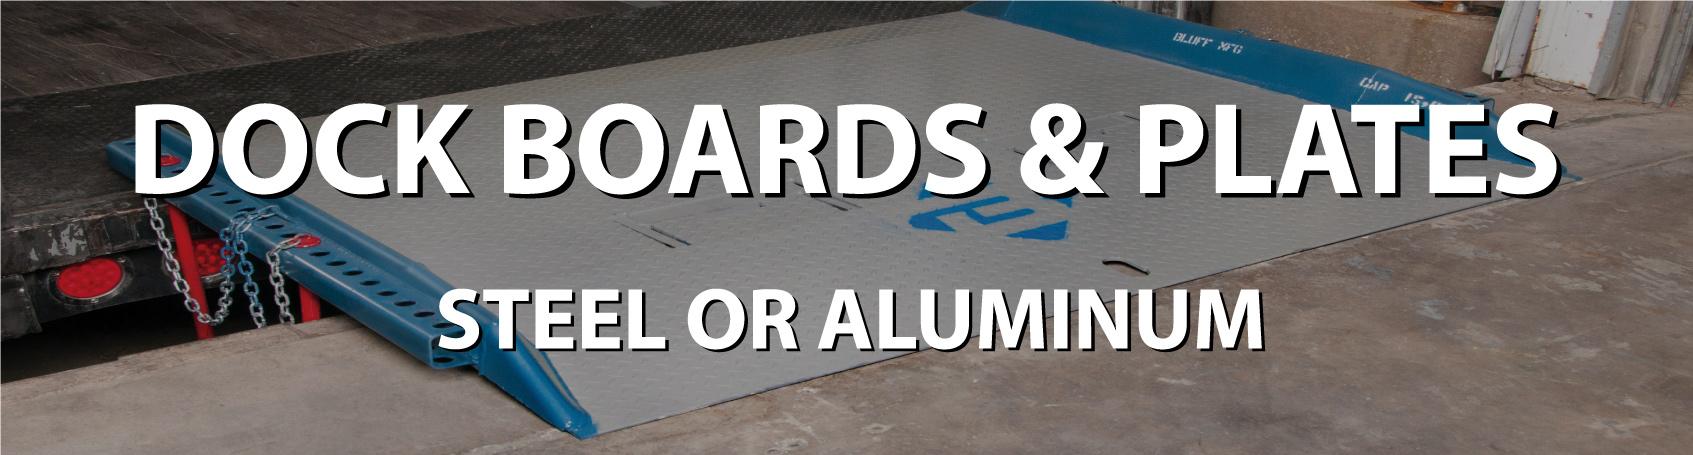 Dock Boards